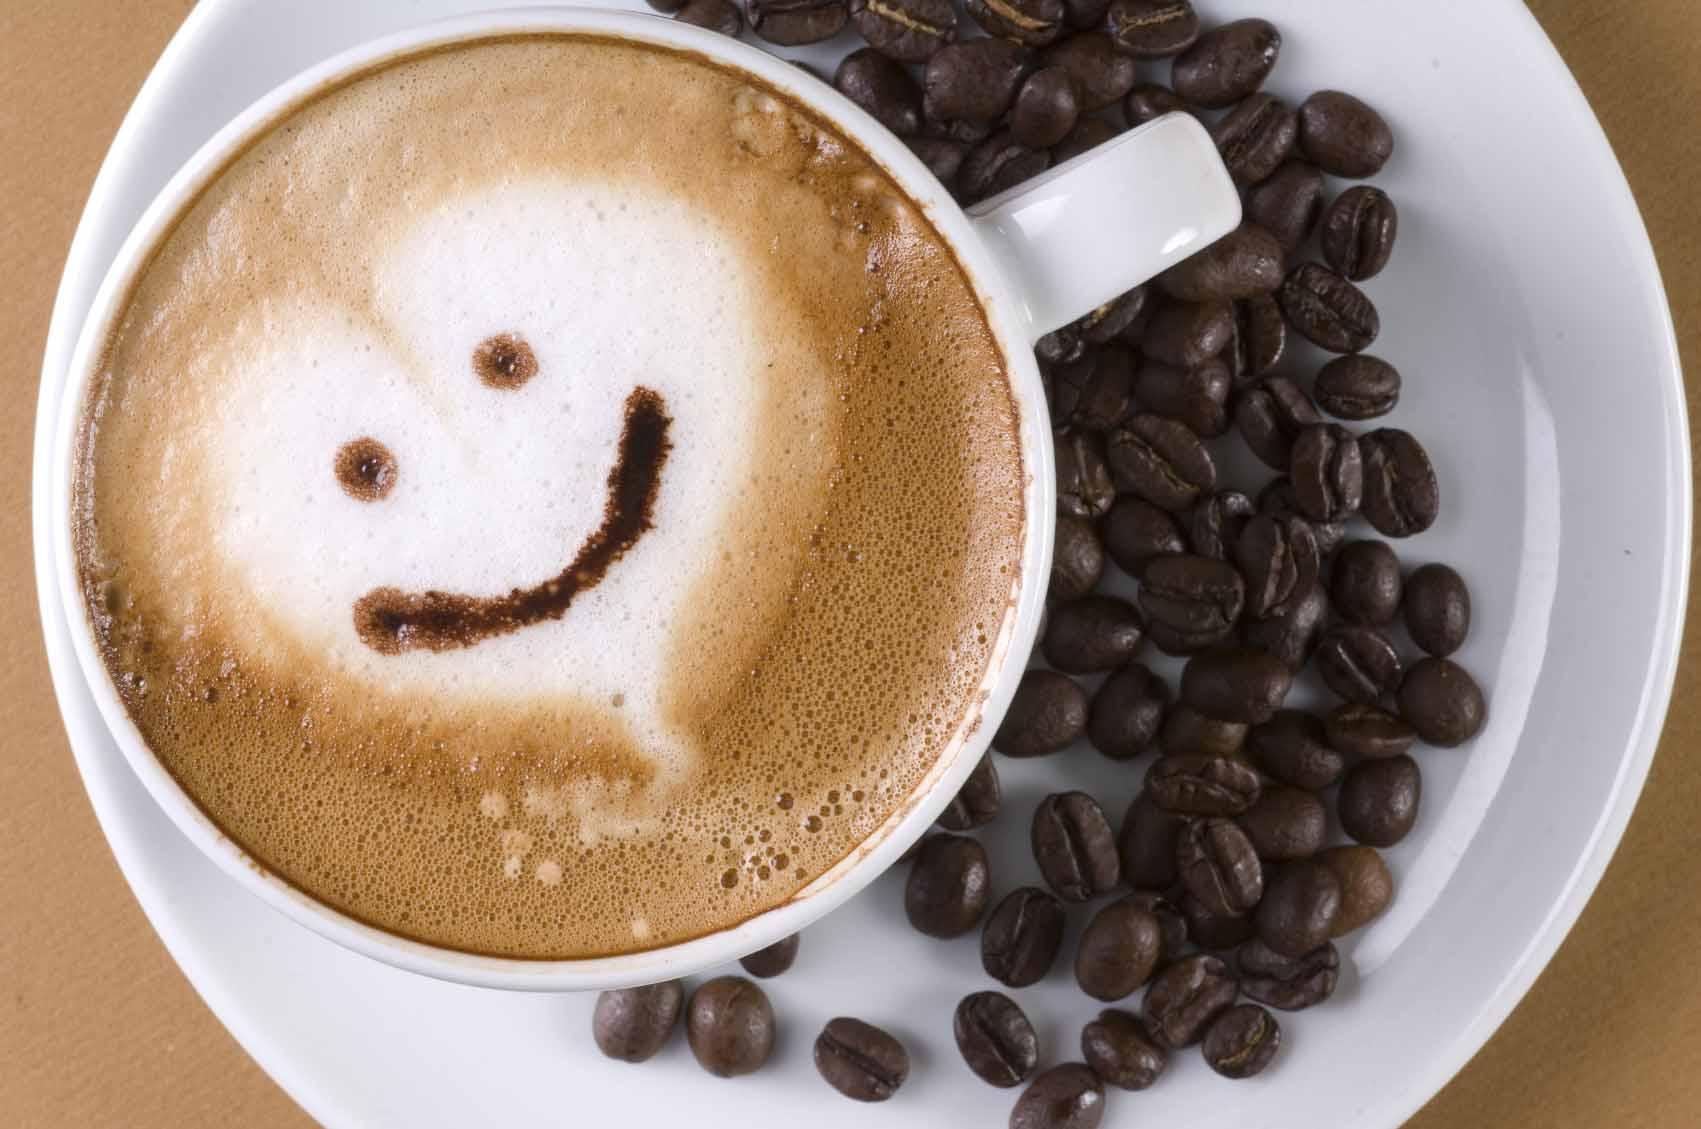 Сбор заказов. Кофеско - рай для кофейных гурманов-6! Плантационный, эксклюзивный, ароматизированный! Арабика, робуста